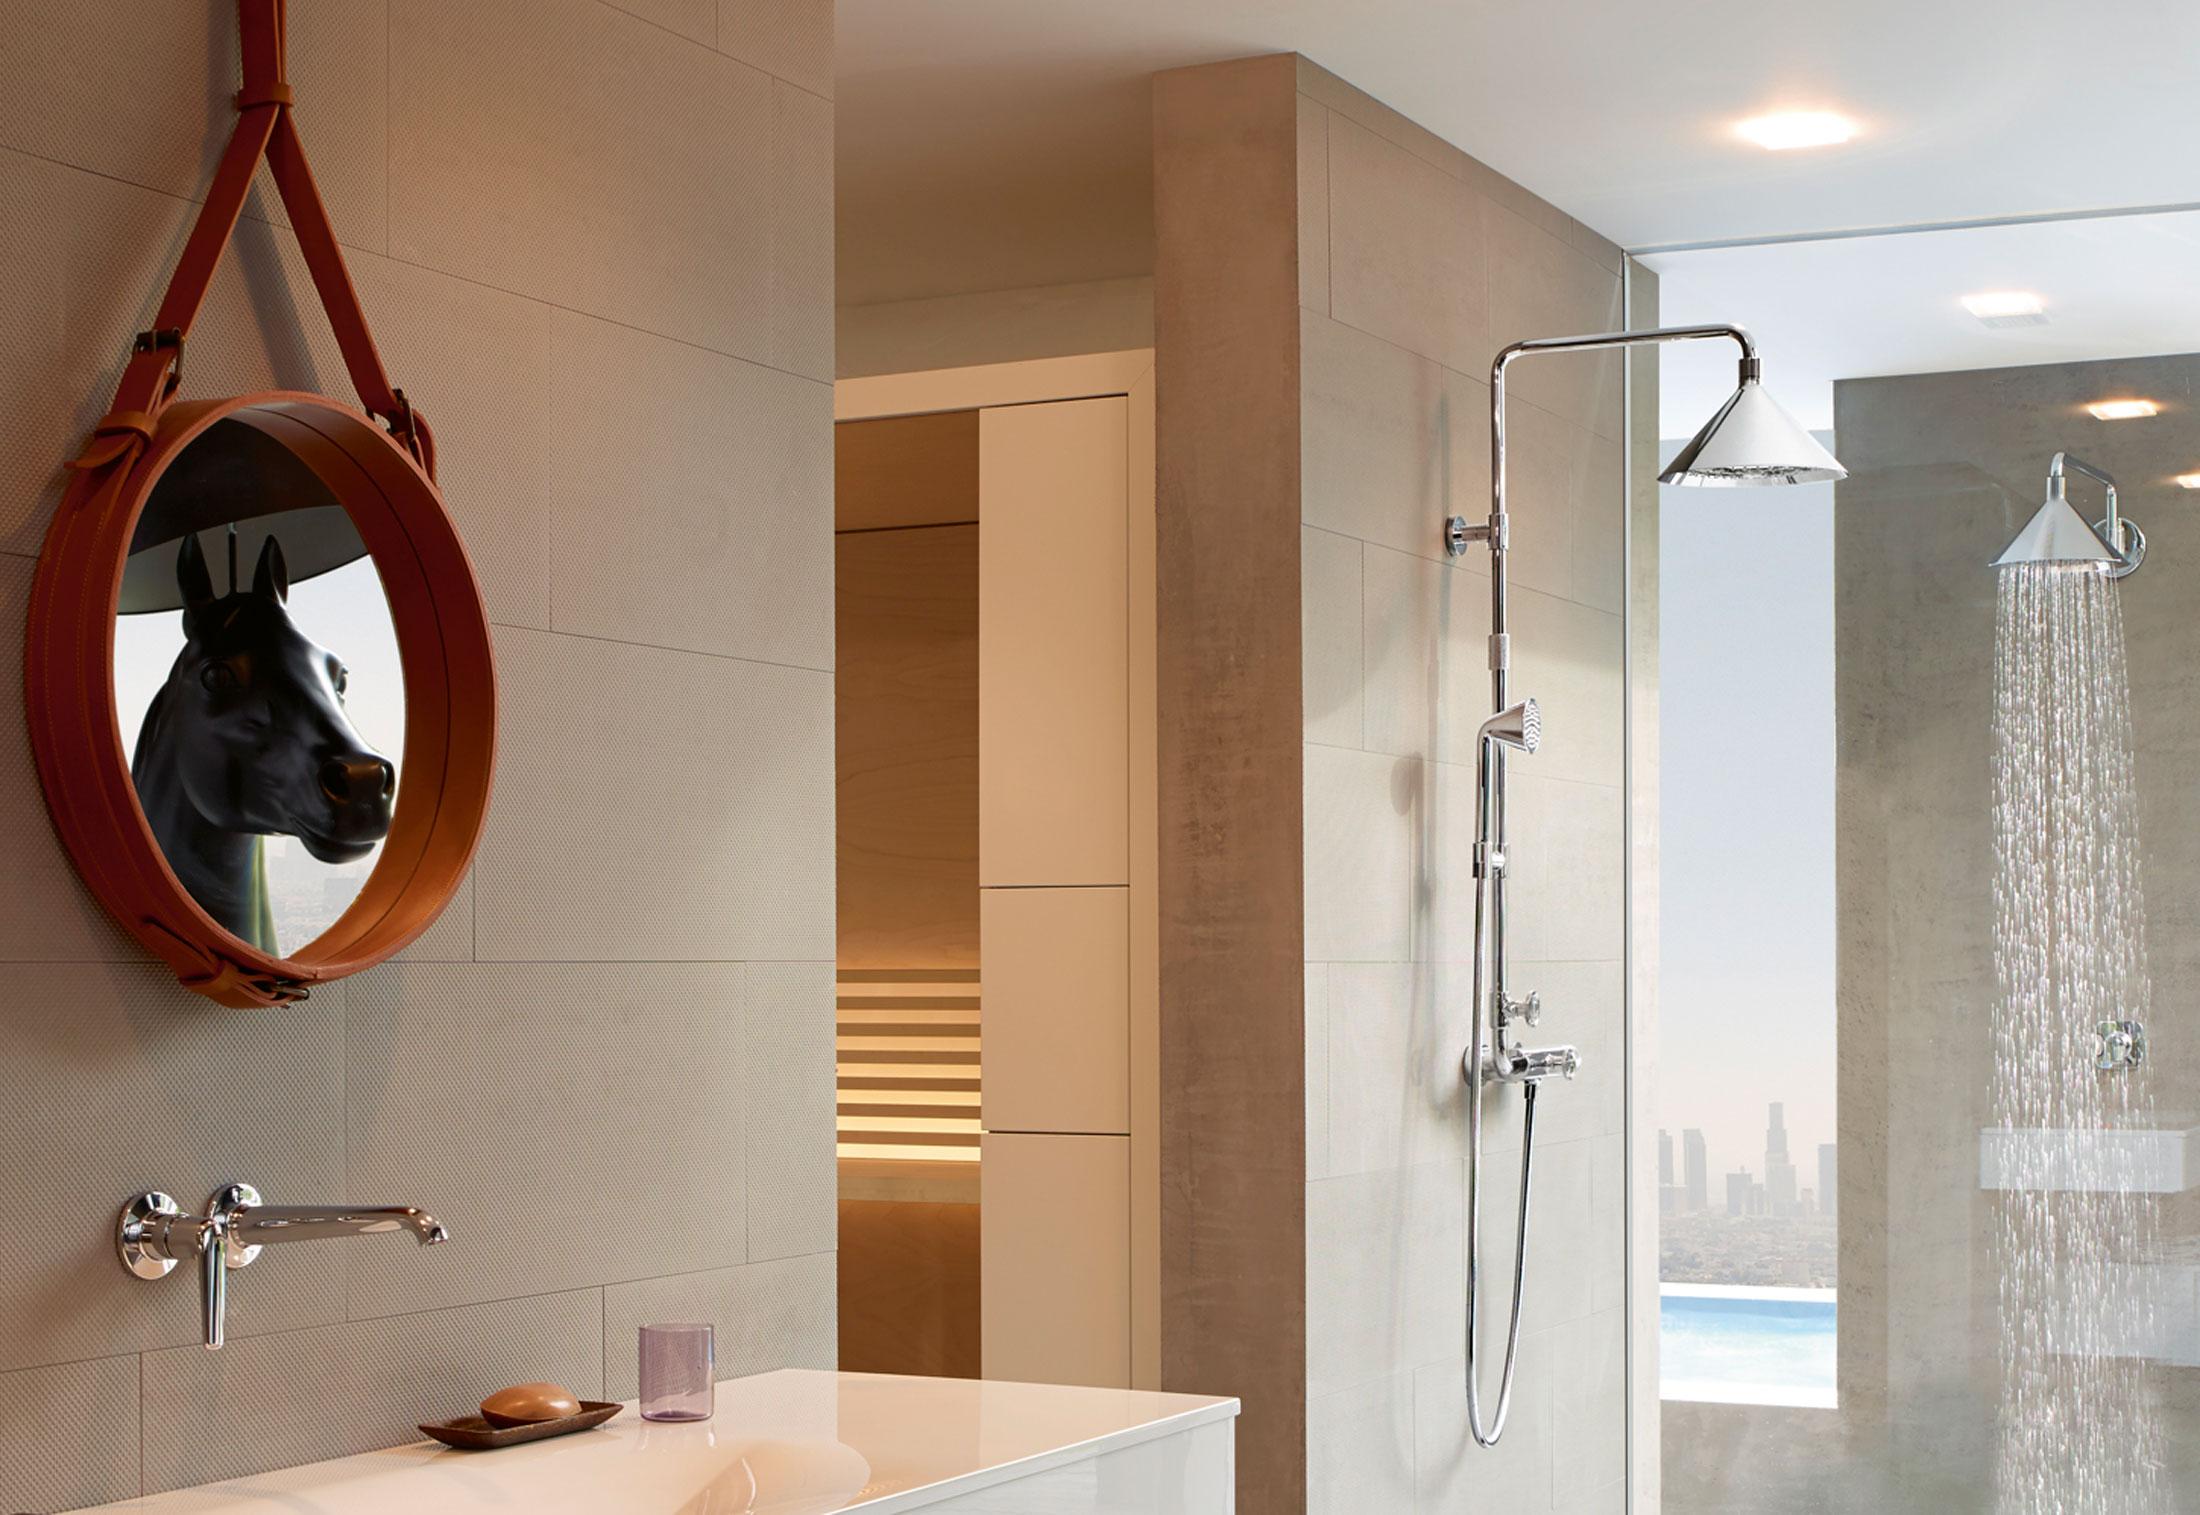 Axor Overhead Shower by Axor | STYLEPARK